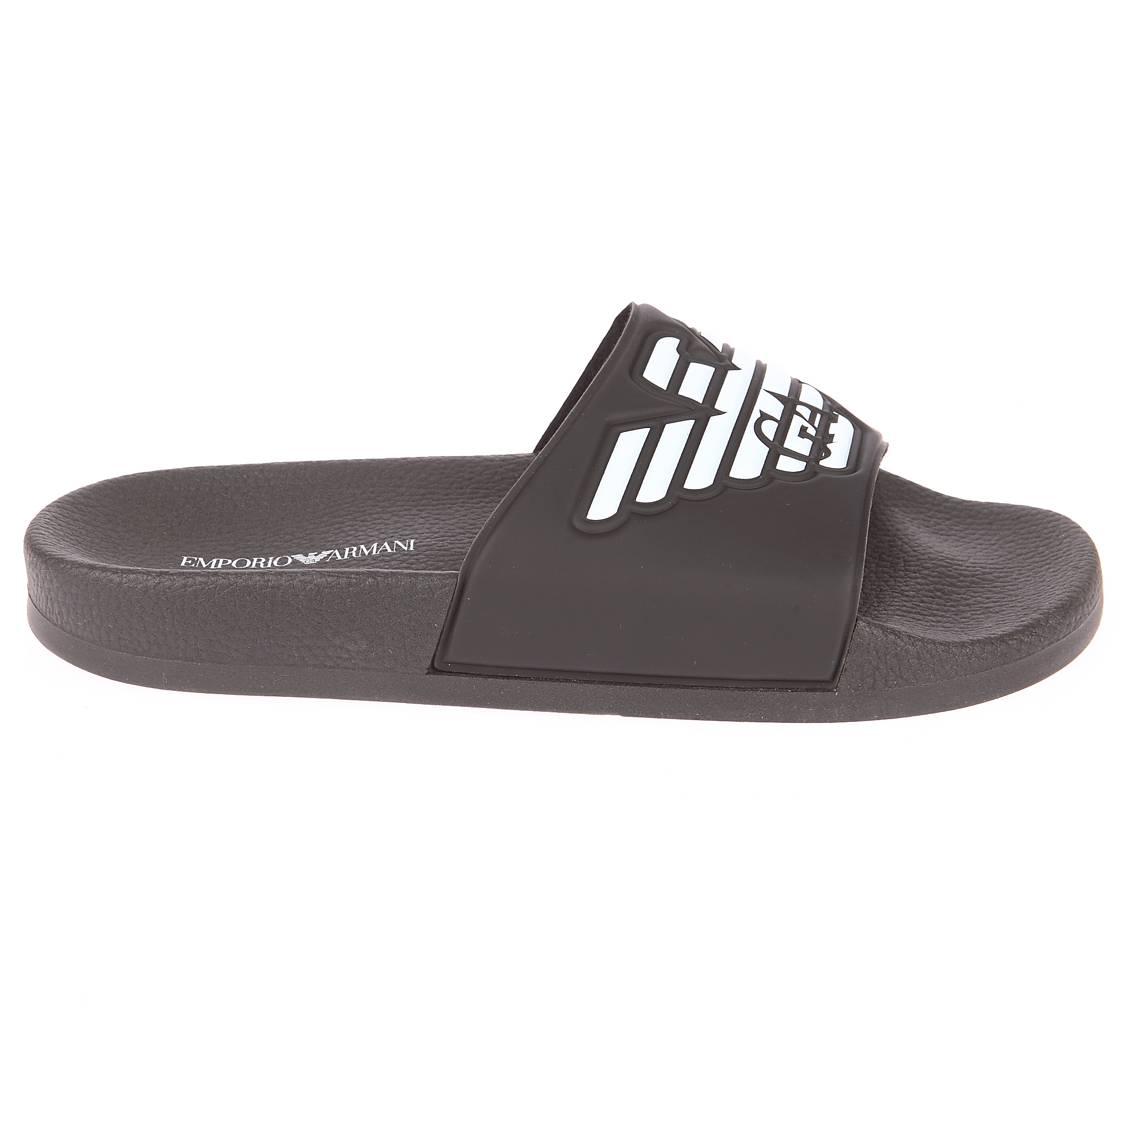 Sandales  noire à logo blanc